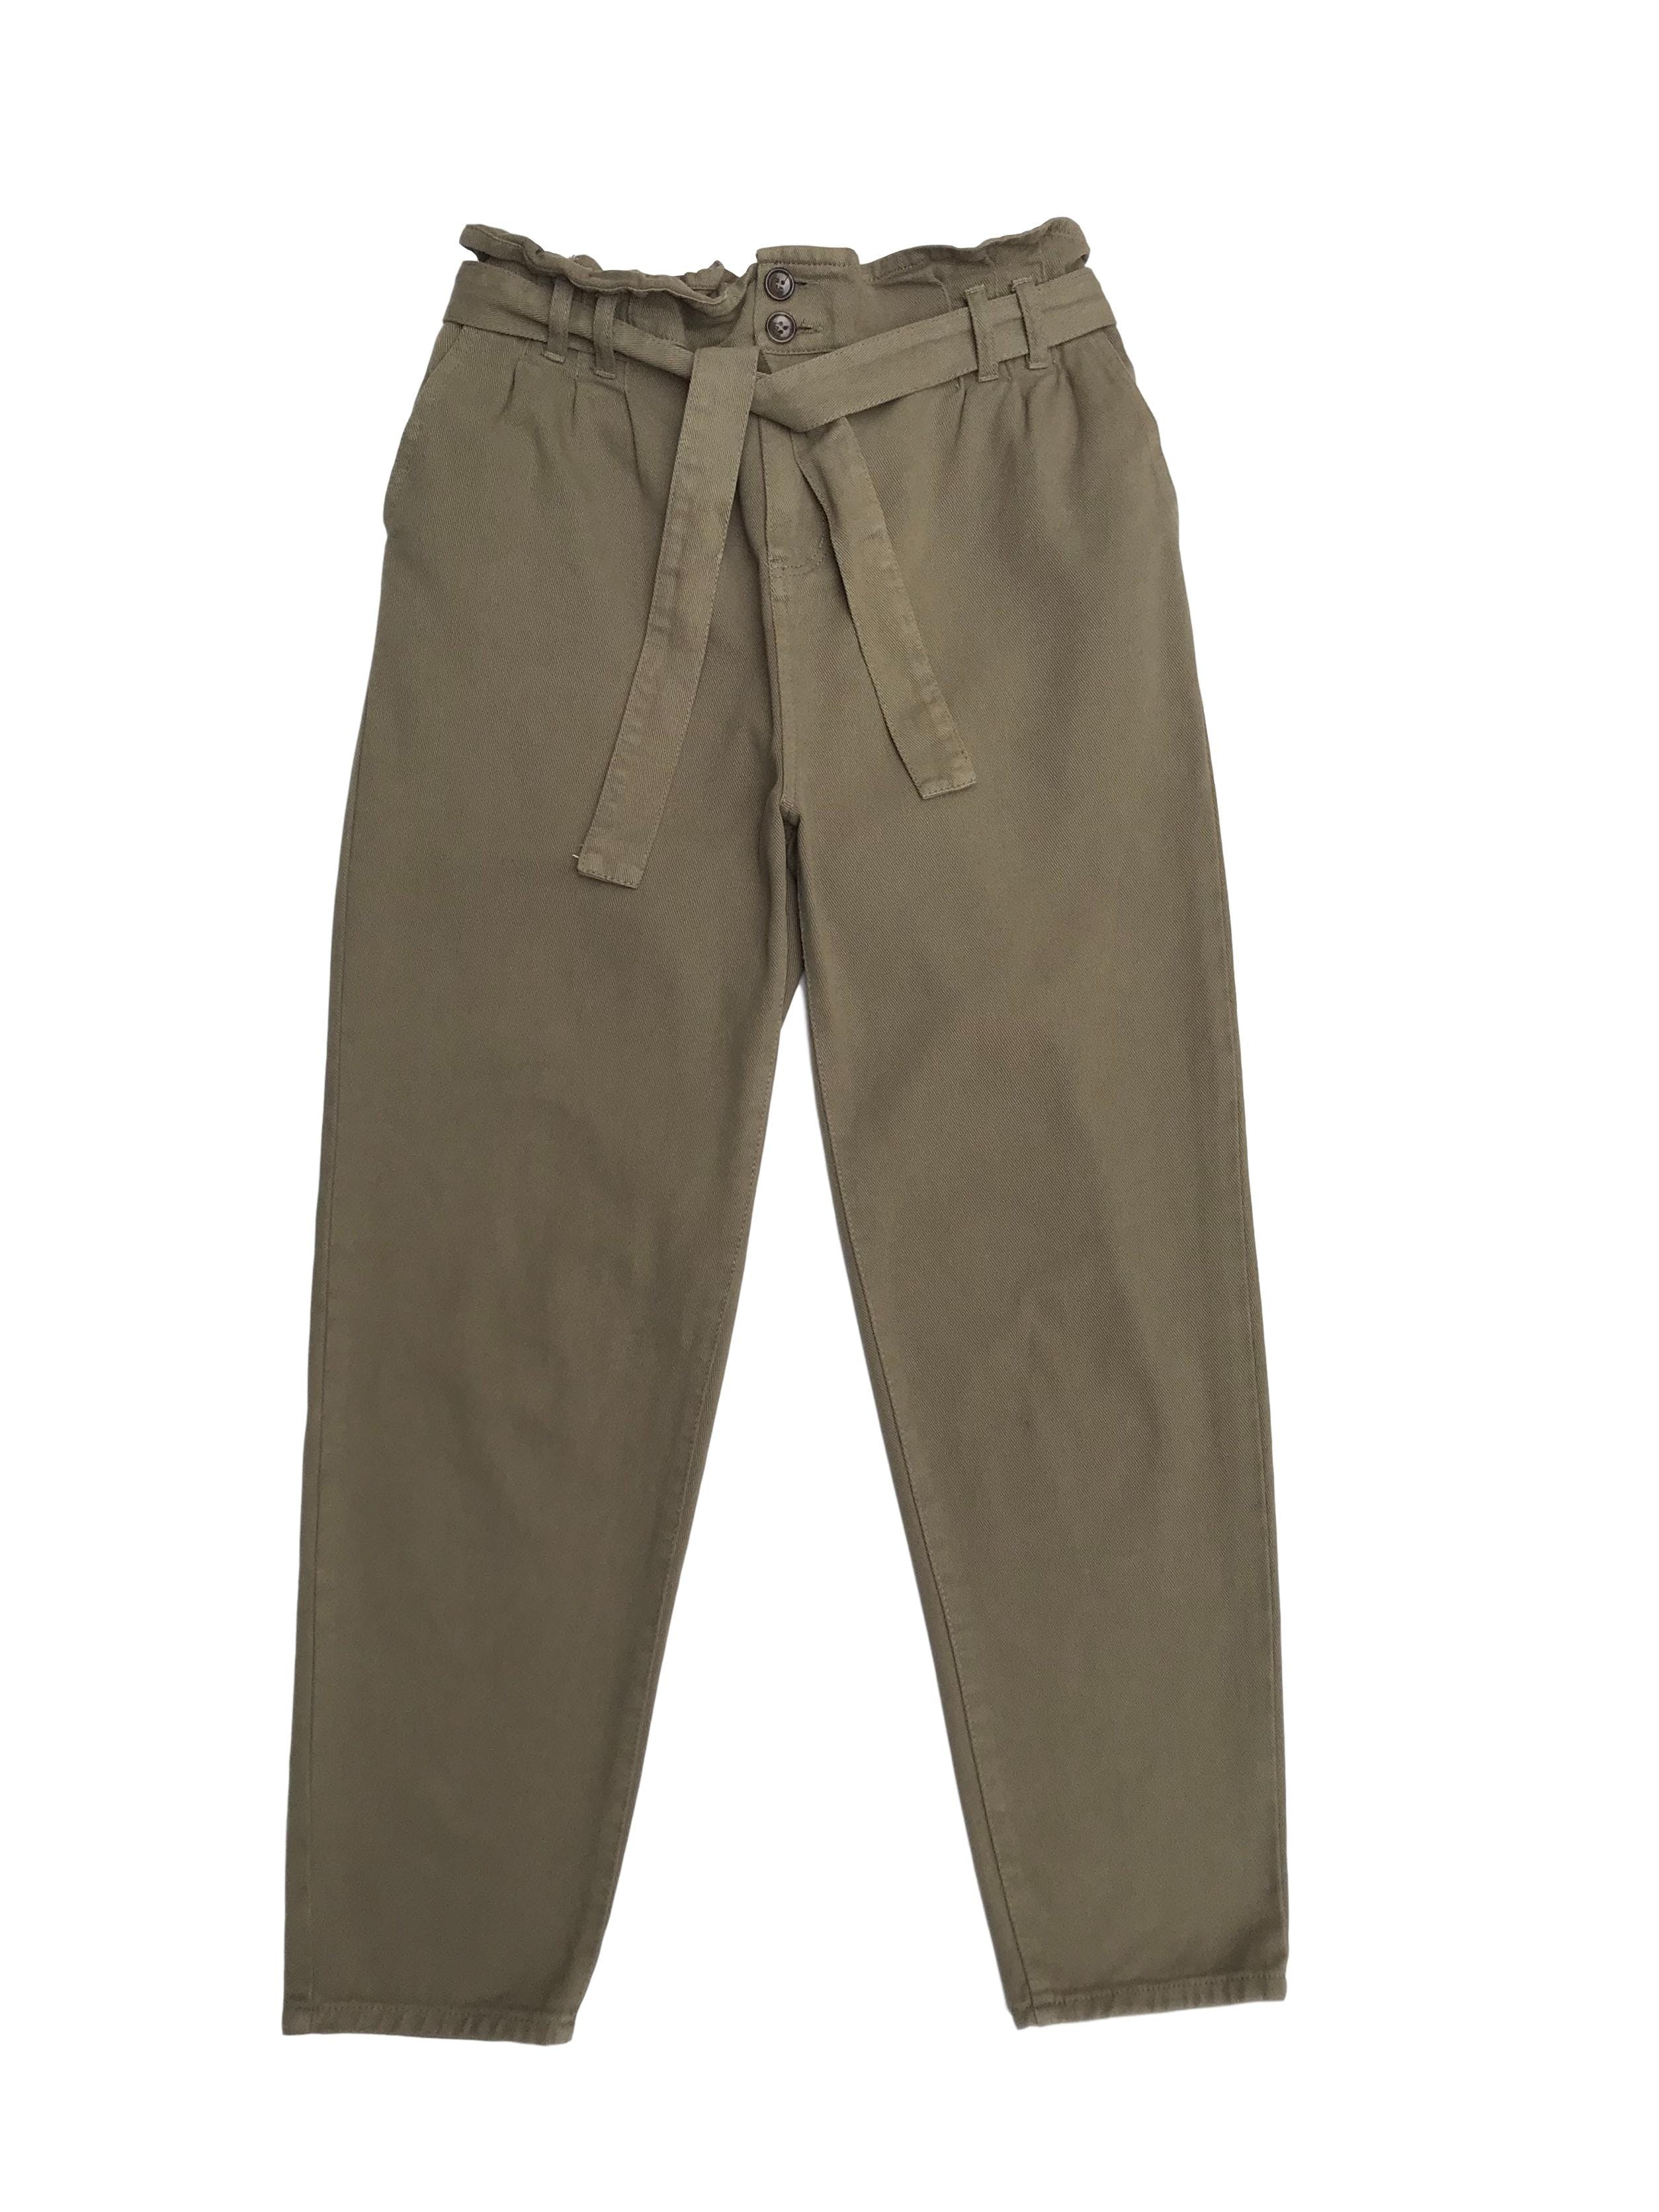 Pantalón drill paper bag verde. Nuevo.